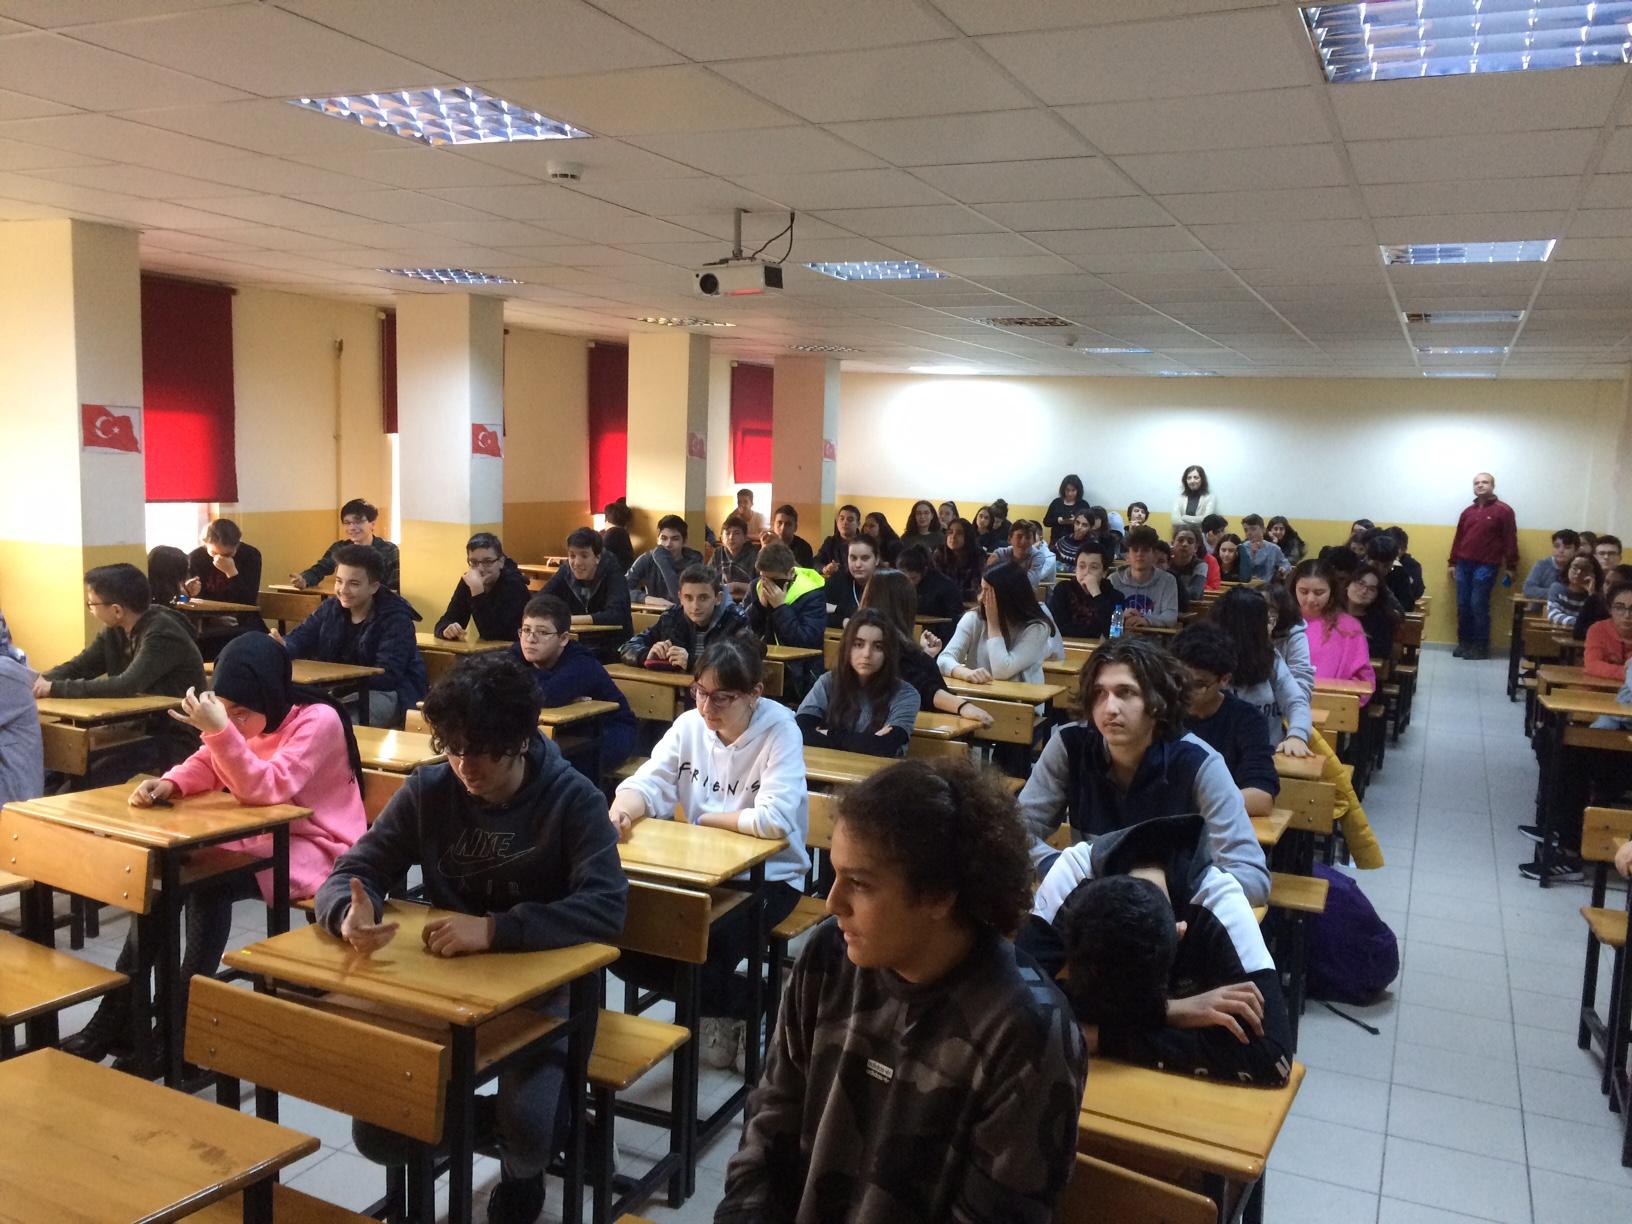 Hasan Sabri Çavuşoğlu Fen Lisesi'nde Sıfır Atık Konulu Eğitim Verildi